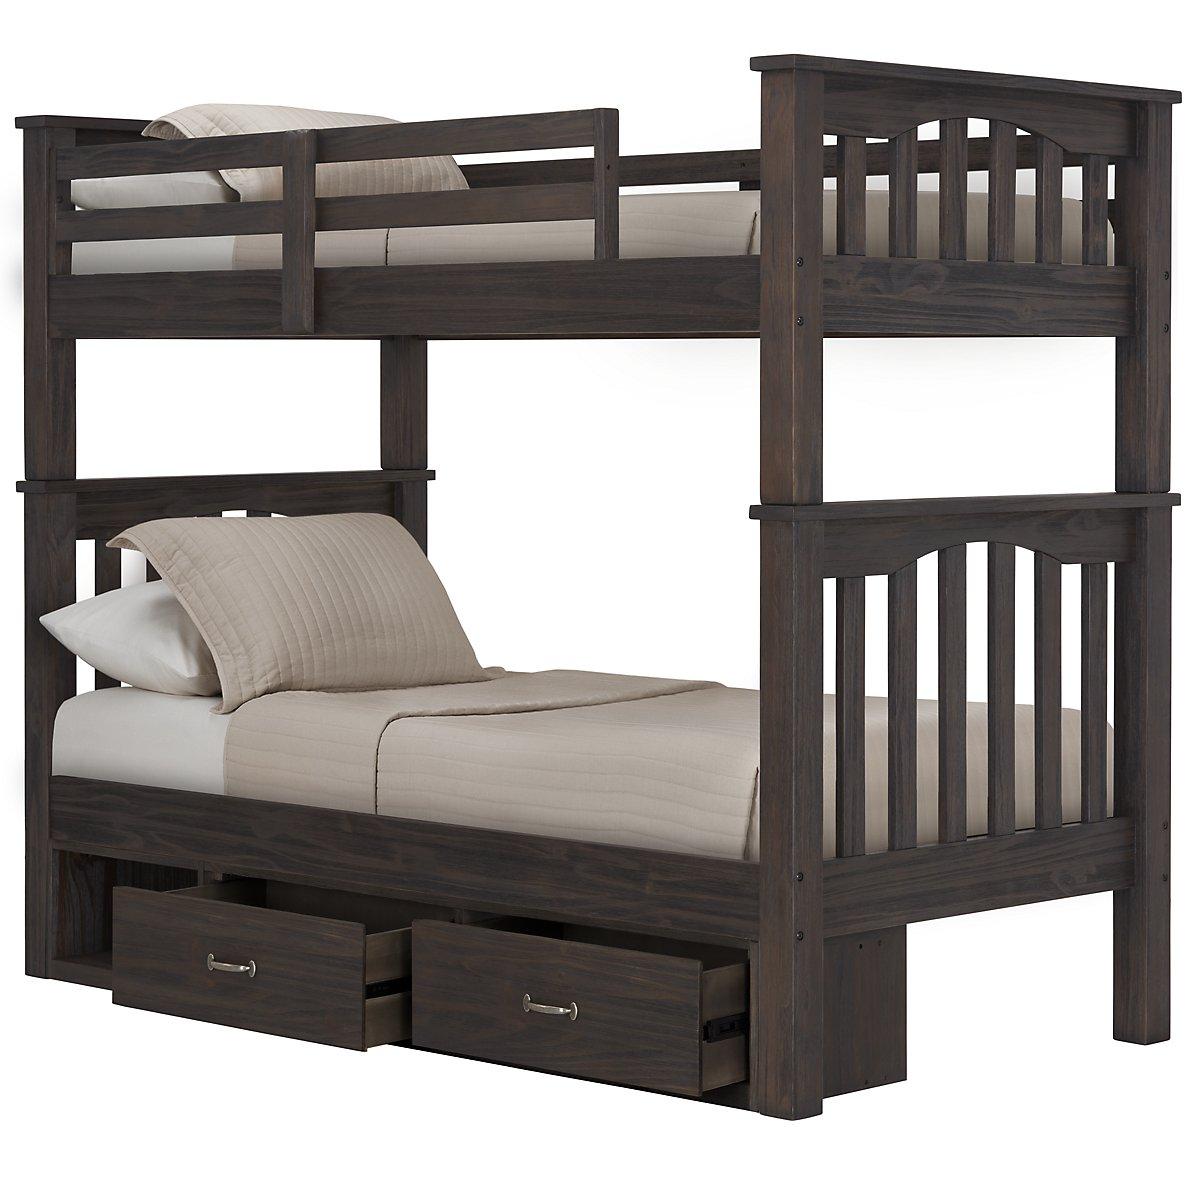 Highlands Dark Tone Storage Bunk Bed